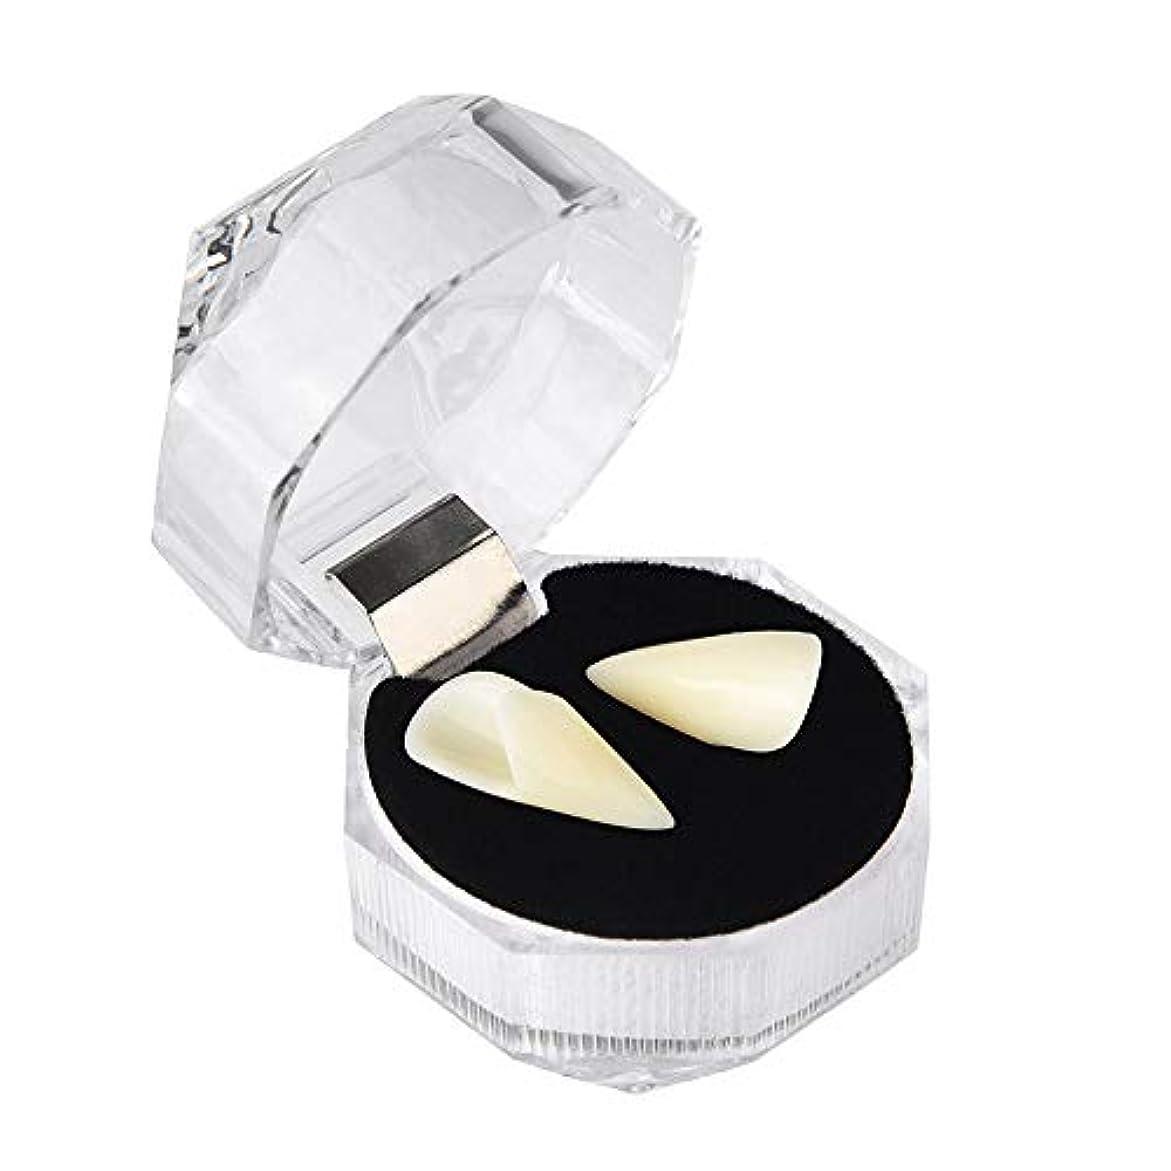 パーティションパノラマアブセイユニセックスハロウィーンロールプレイングゾンビ義歯、樹脂にやさしい食品グレード義歯(13mm、15mm、17mm、19mm),19mm